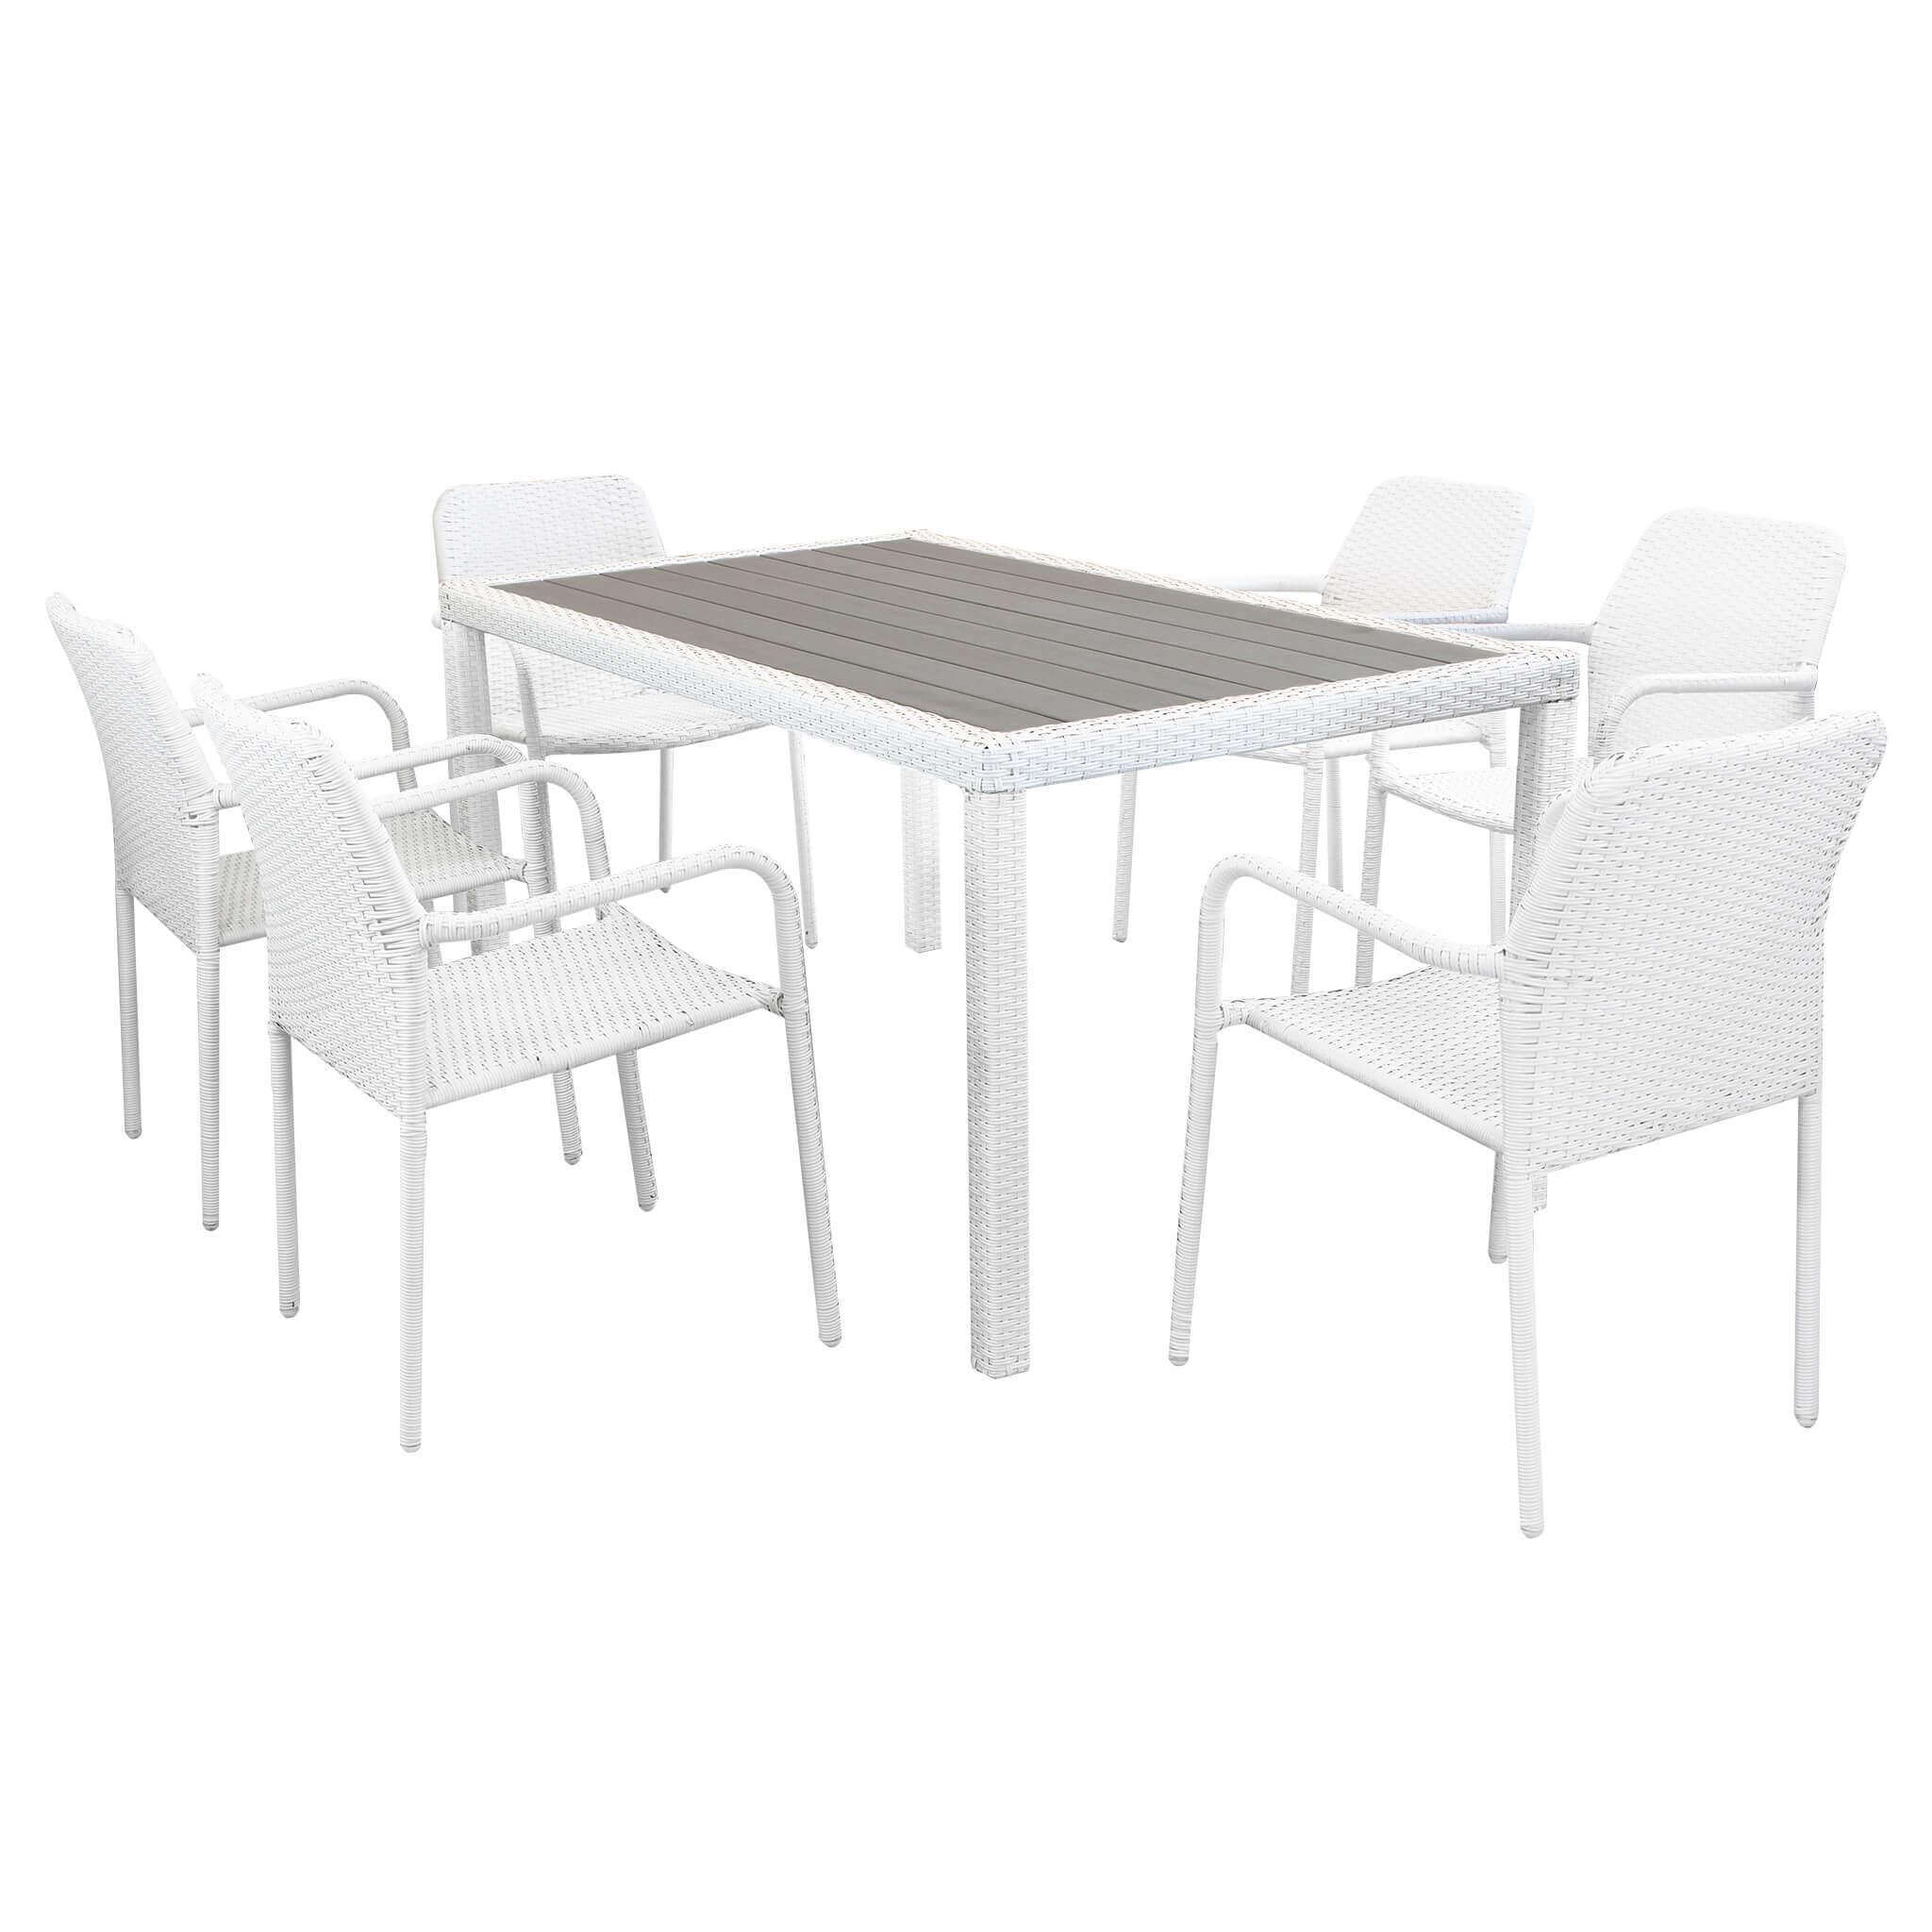 Milani Home AXOR - set tavolo da giardino con piano in polywood 150 x 90 compreso di 6 poltrone intreccio in rattan sintetico